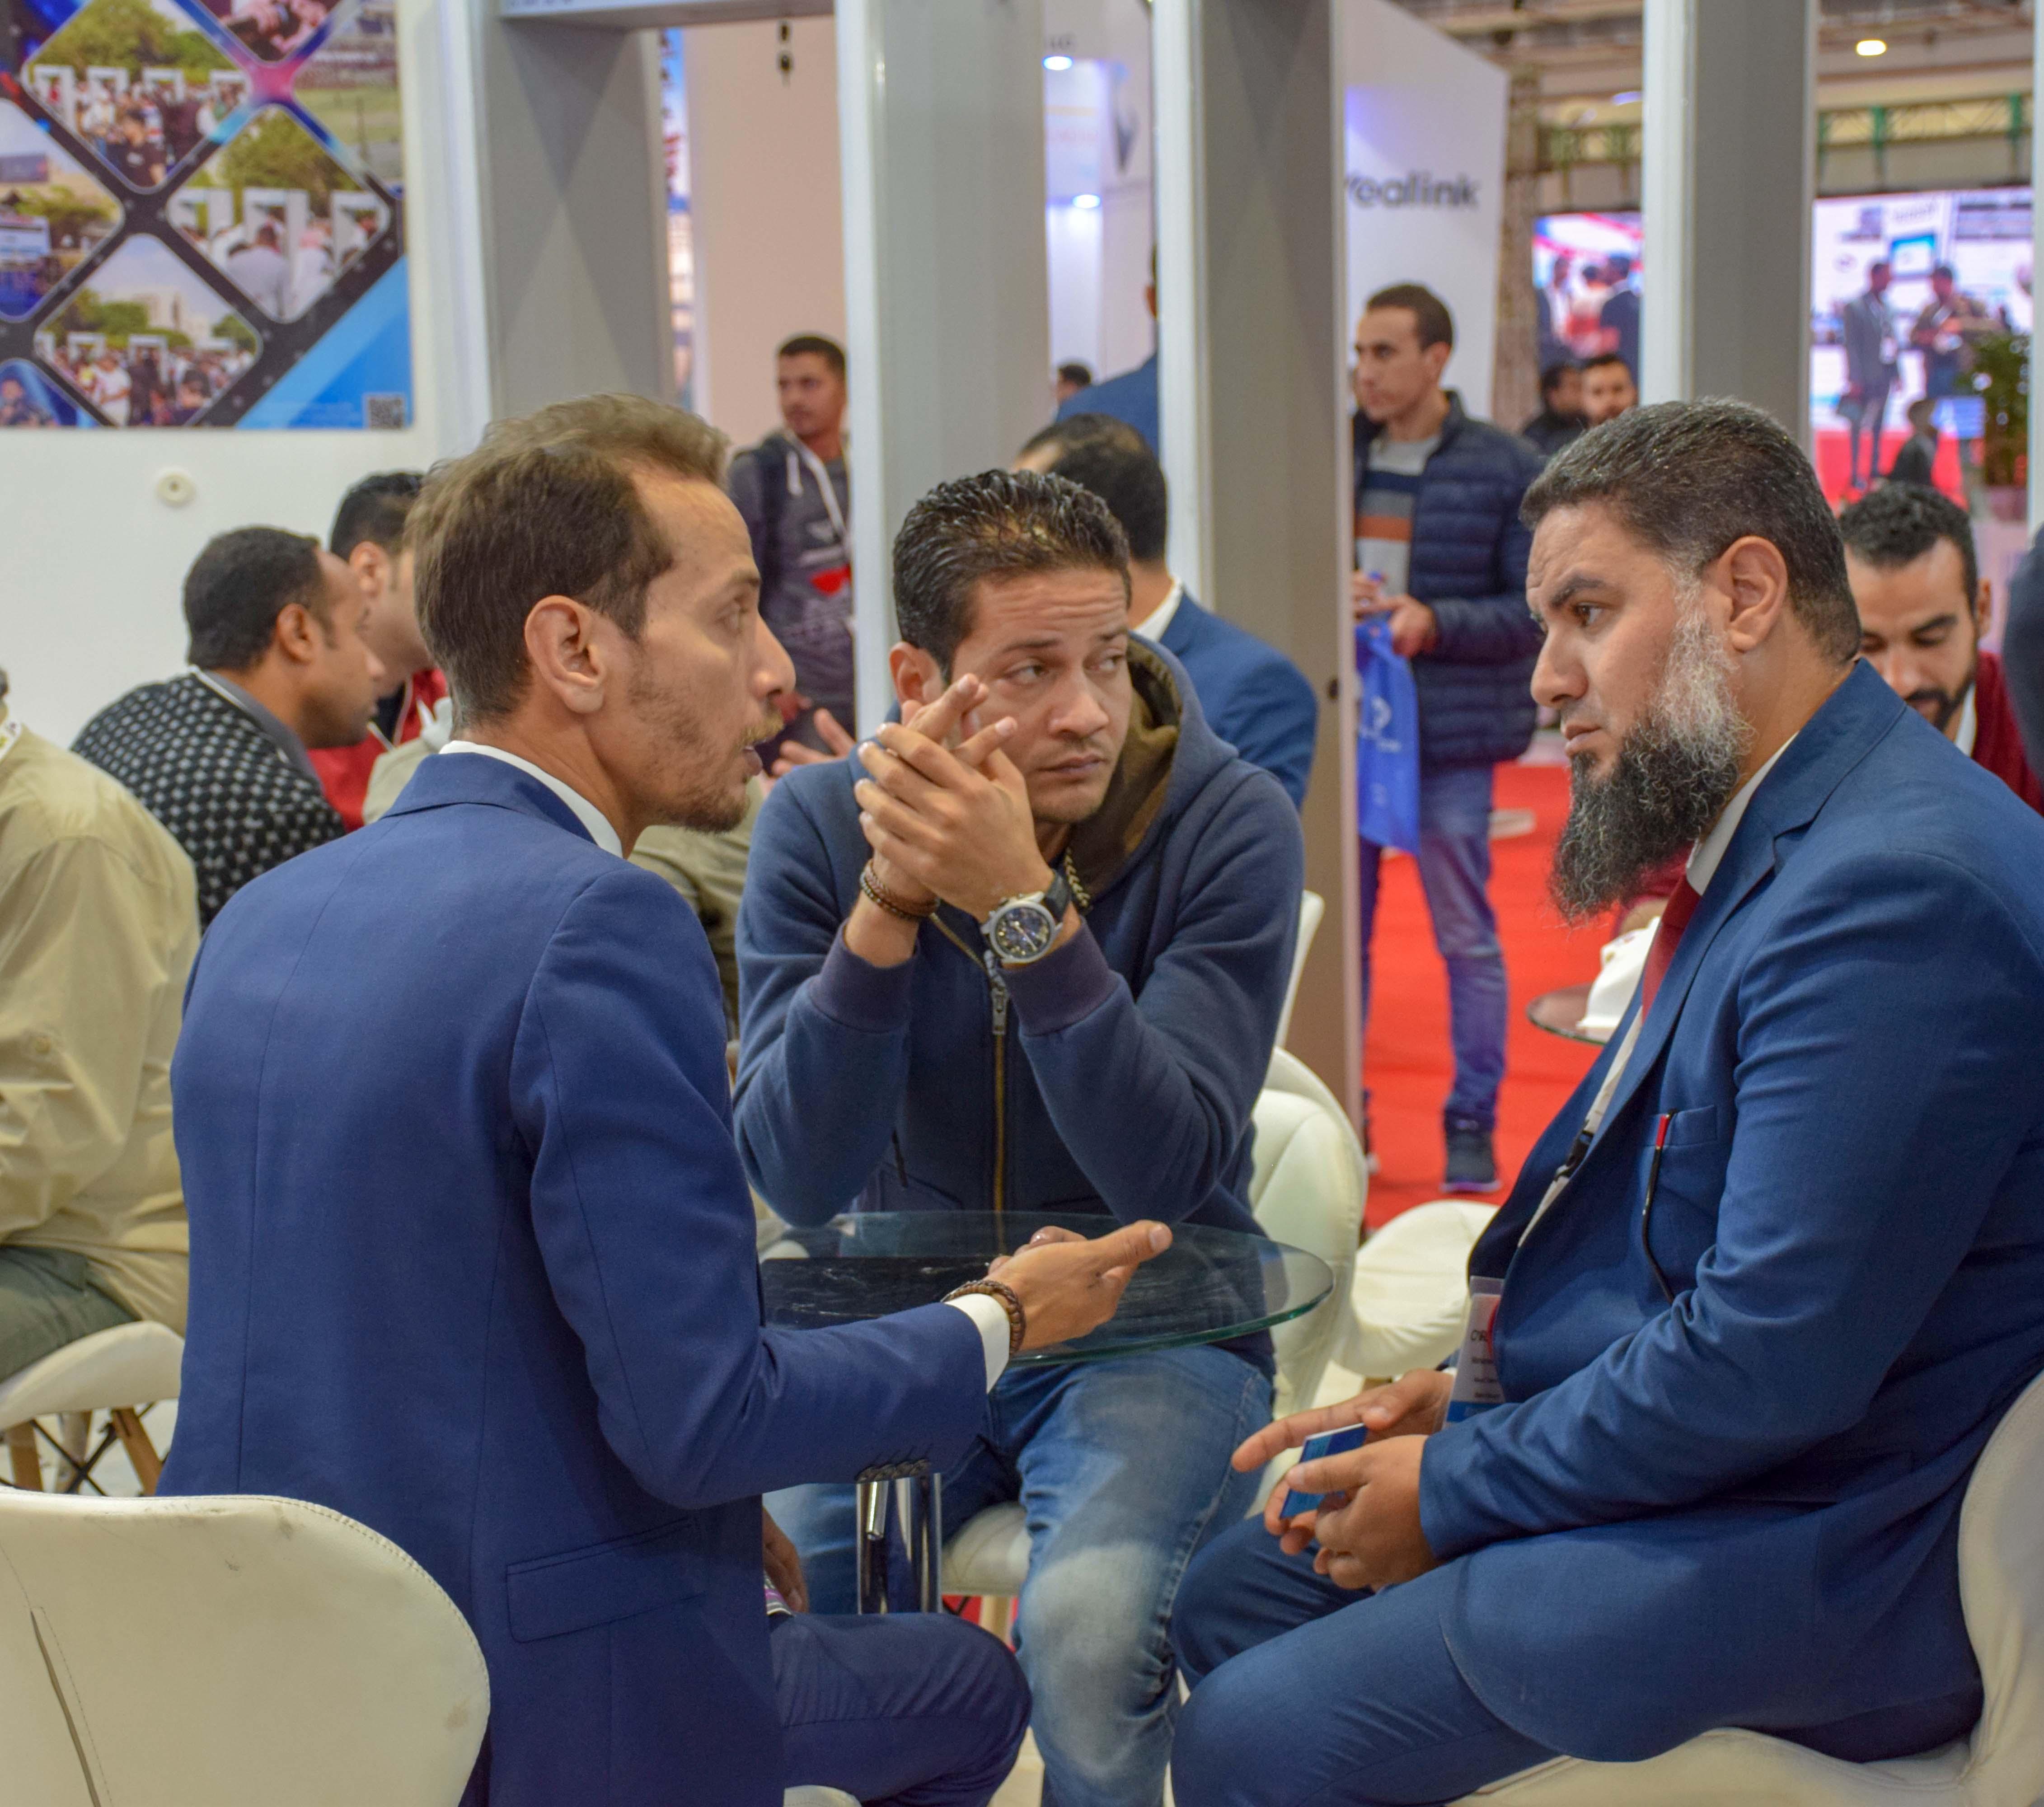 جناح الشركة في معرض القاهرة الدولى للإتصالات2019